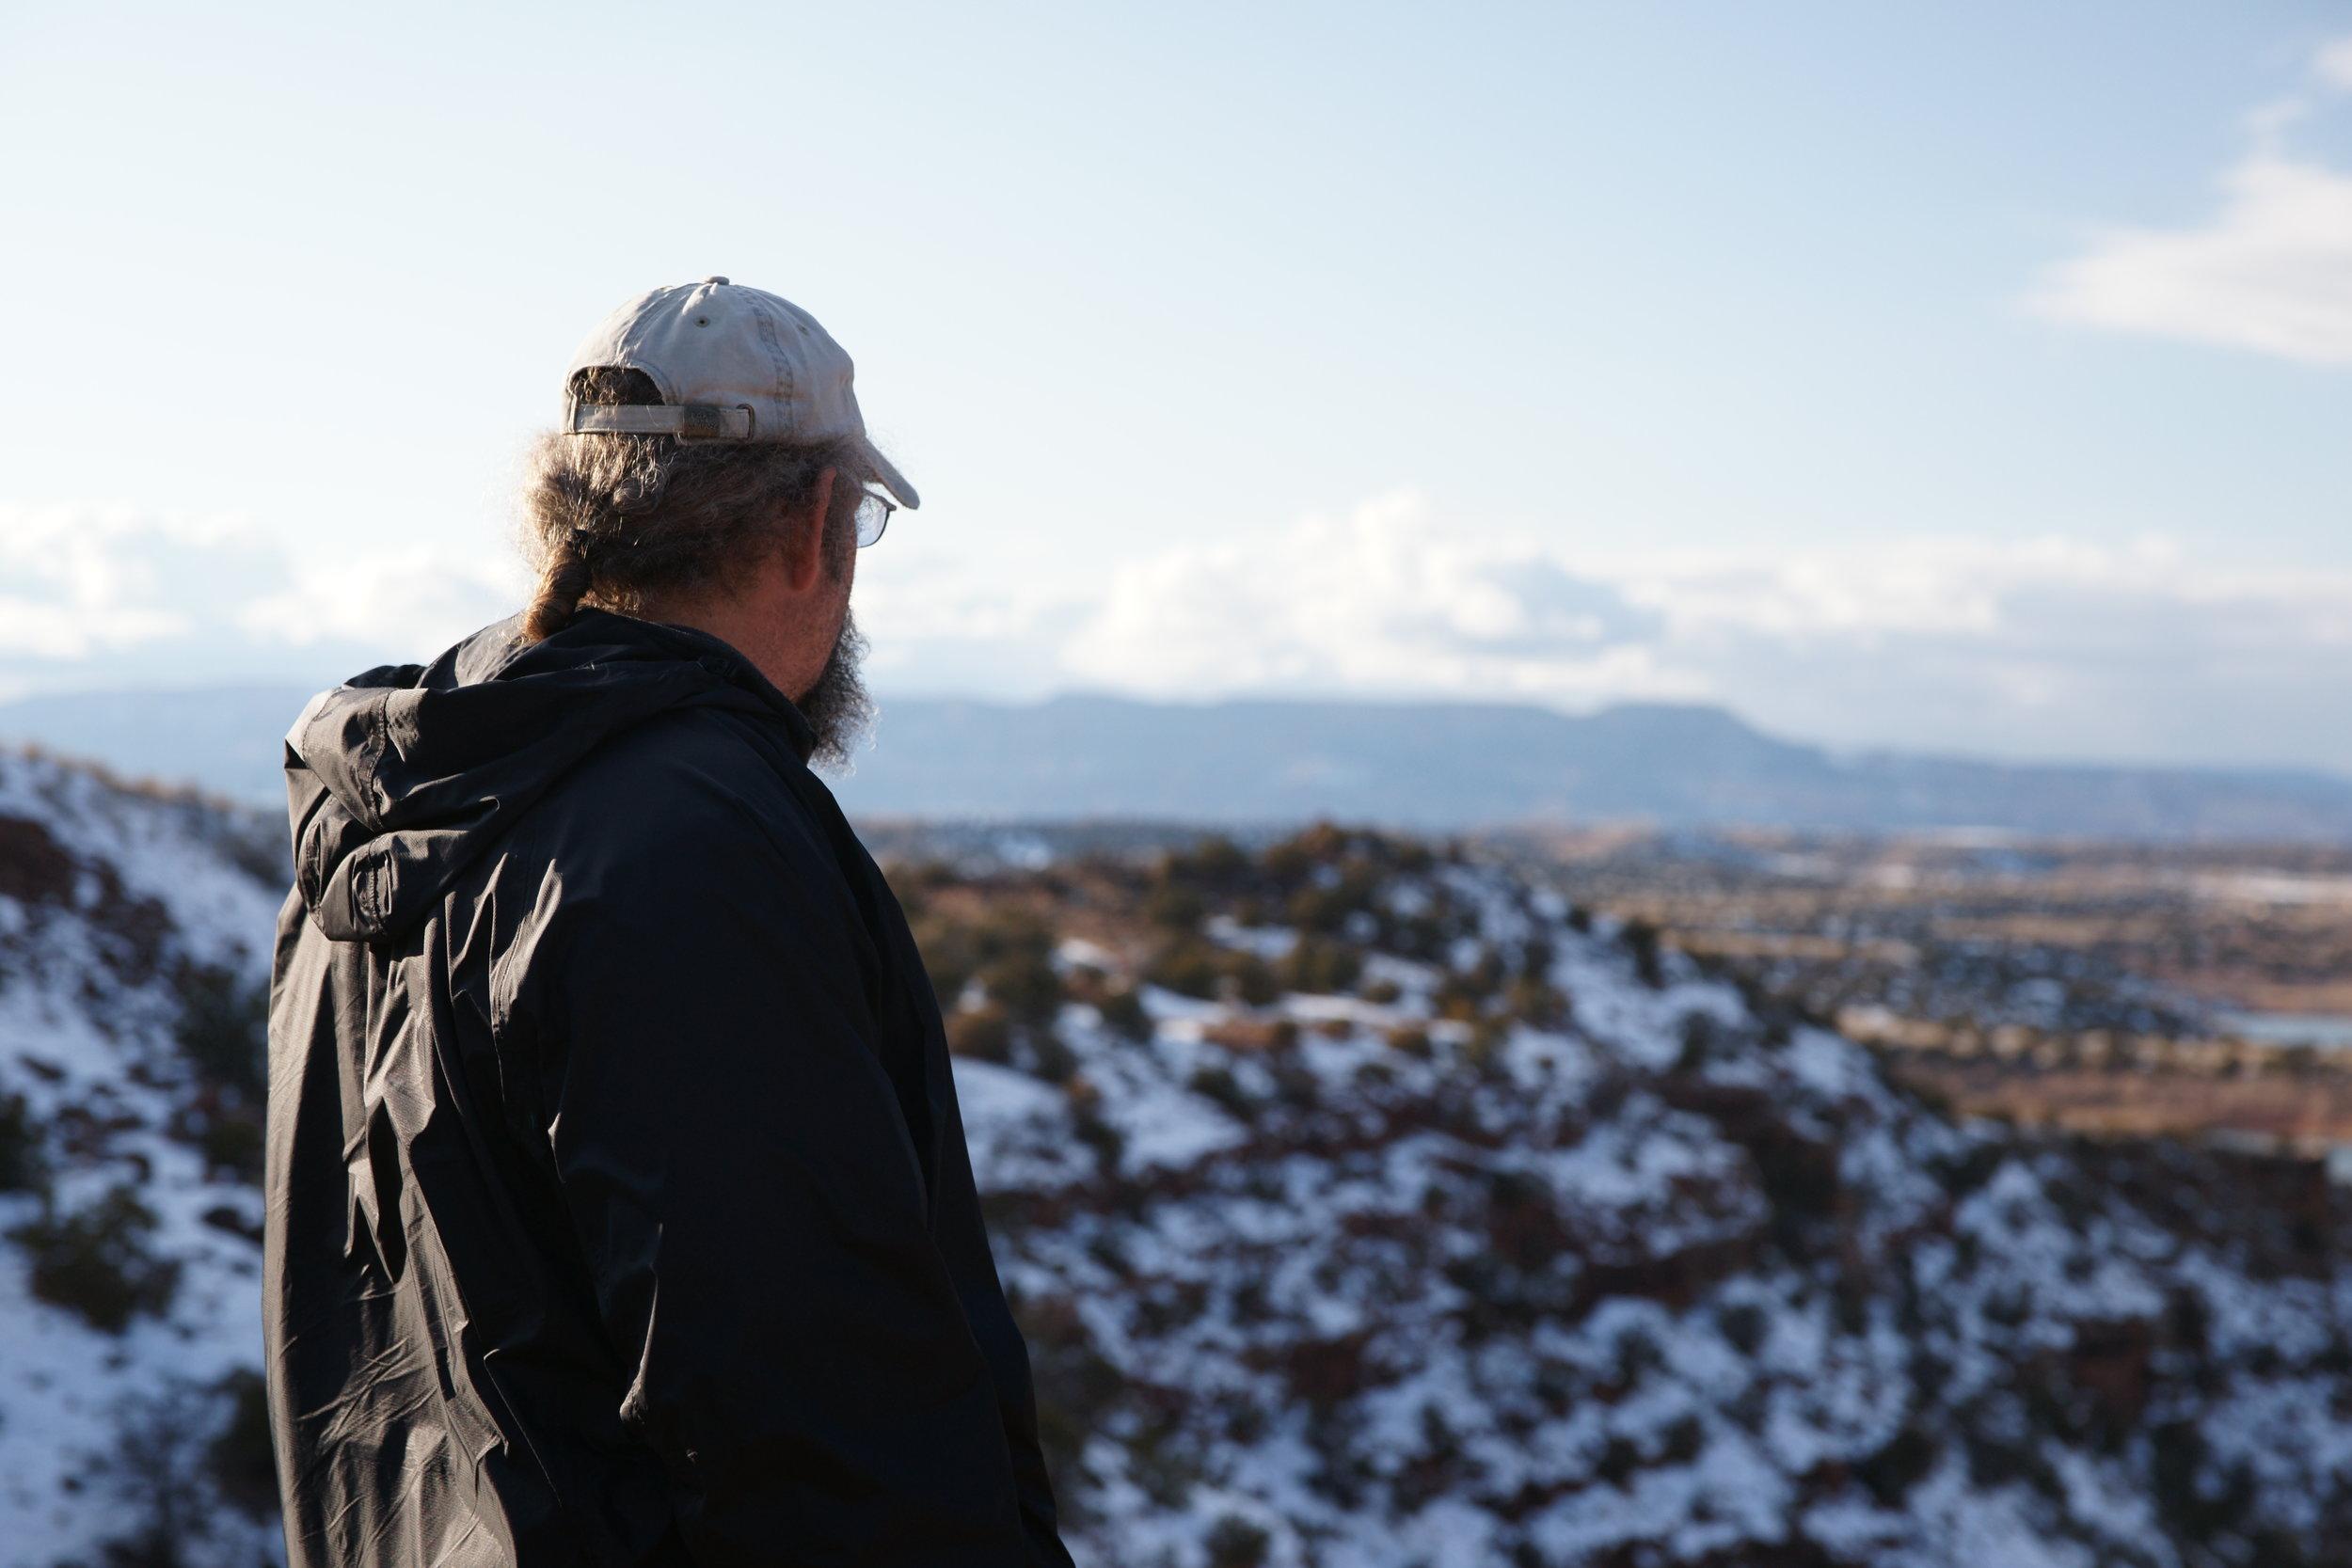 Steve on a Precipice